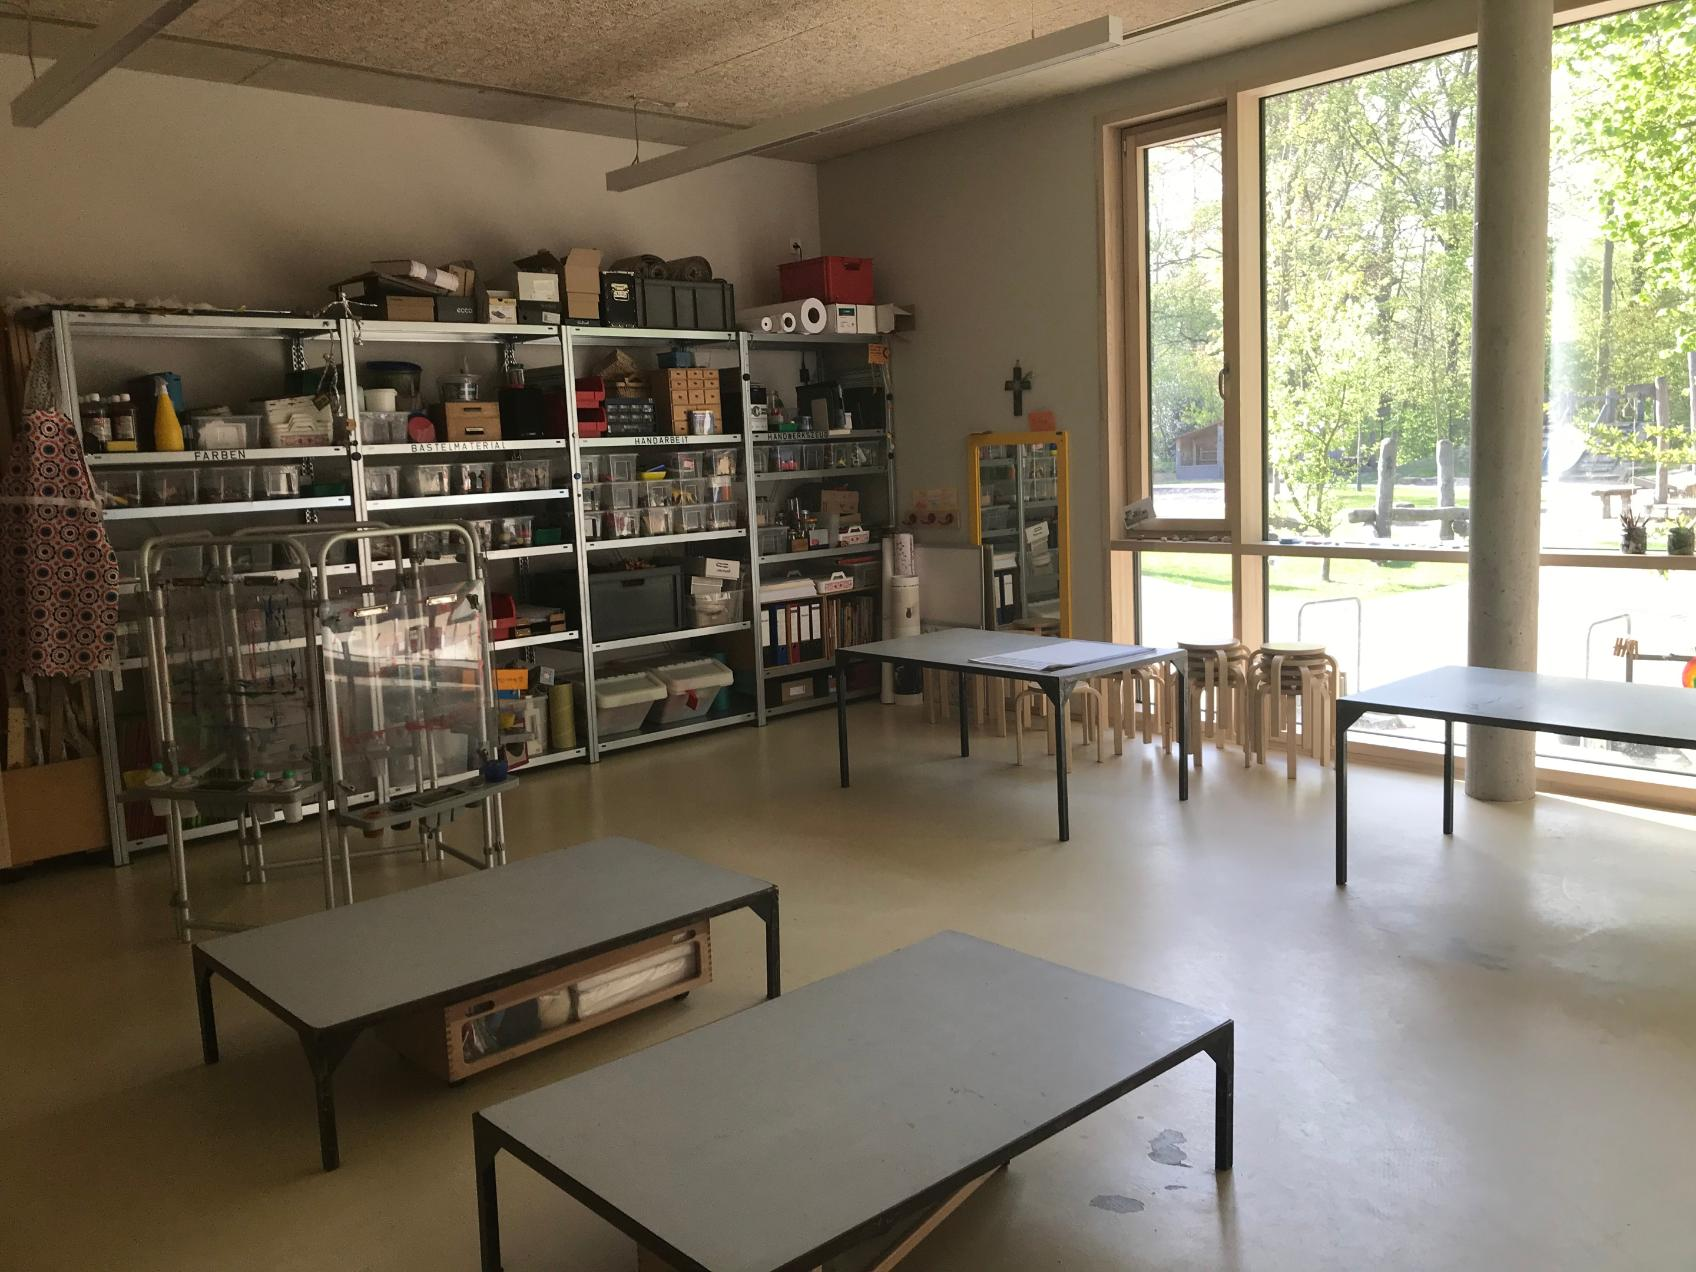 Räume | Kindergarten St. Gertrudis in Krefeld-Bockum